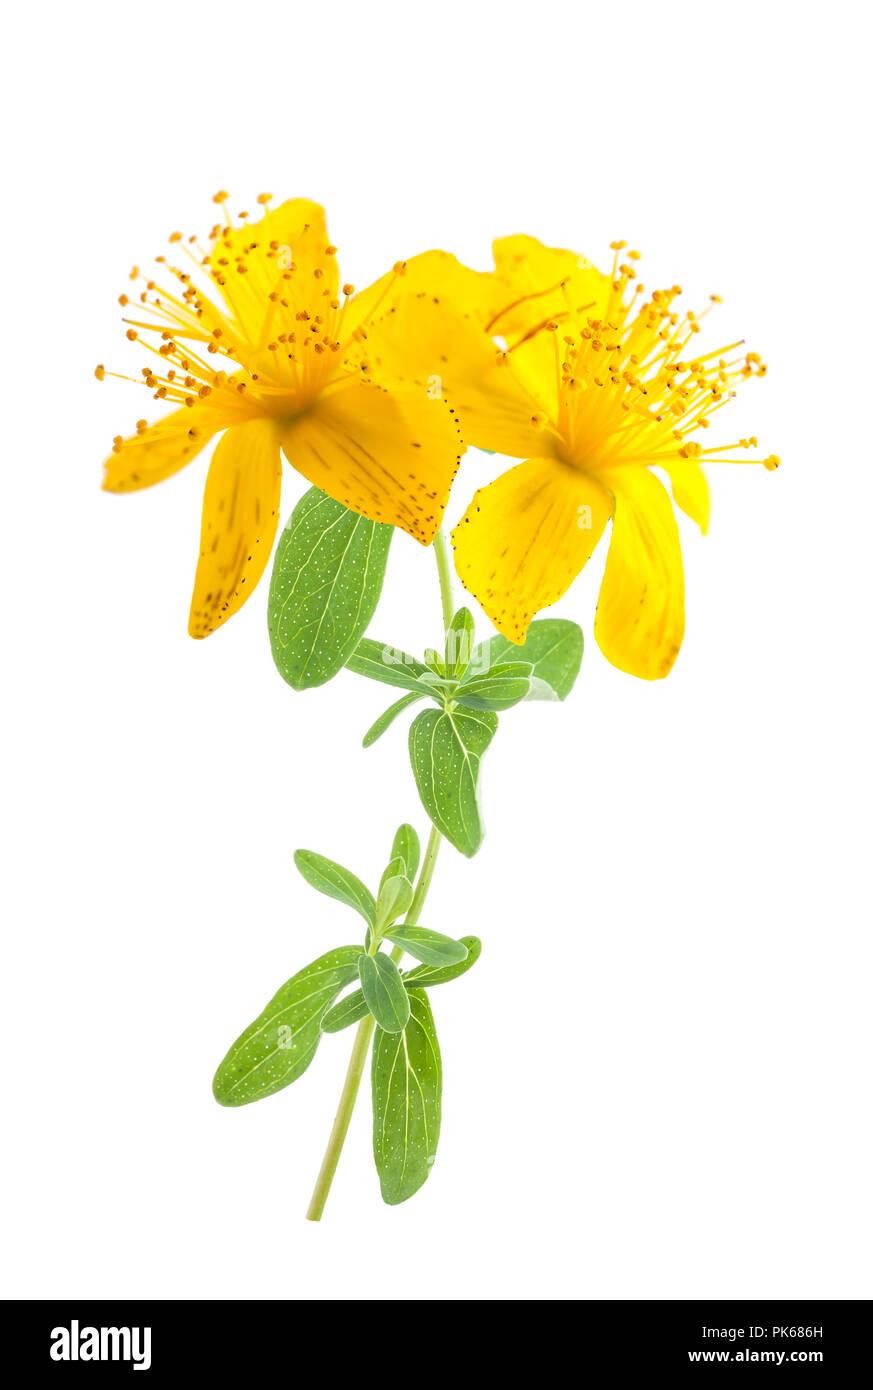 Iperico fiori isolati su sfondo bianco Foto stock - Alamy